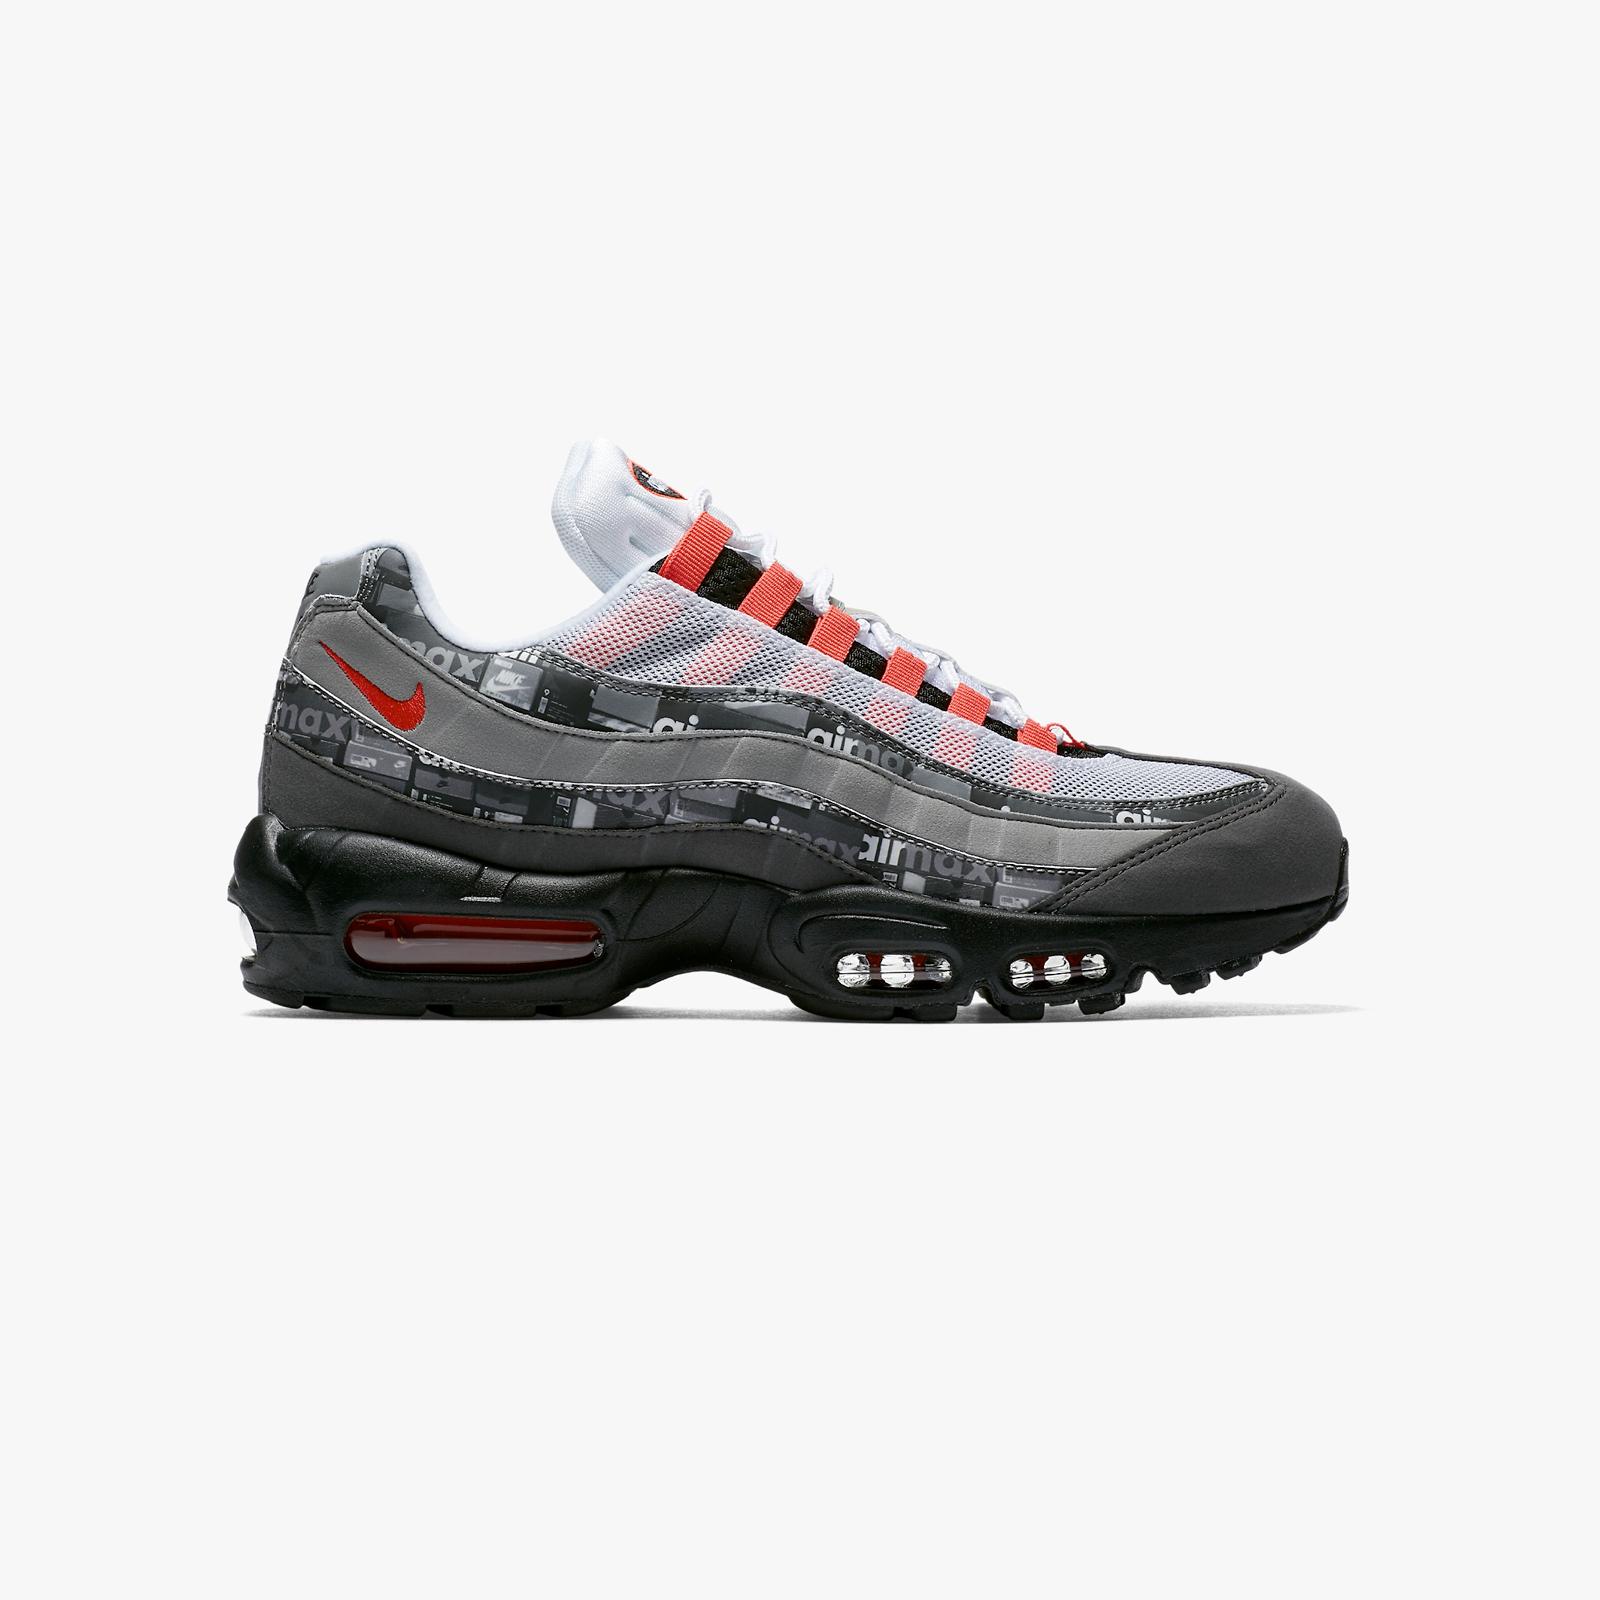 91cc91accc6c Nike Air Max 95 Print - Aq0925-002 - Sneakersnstuff